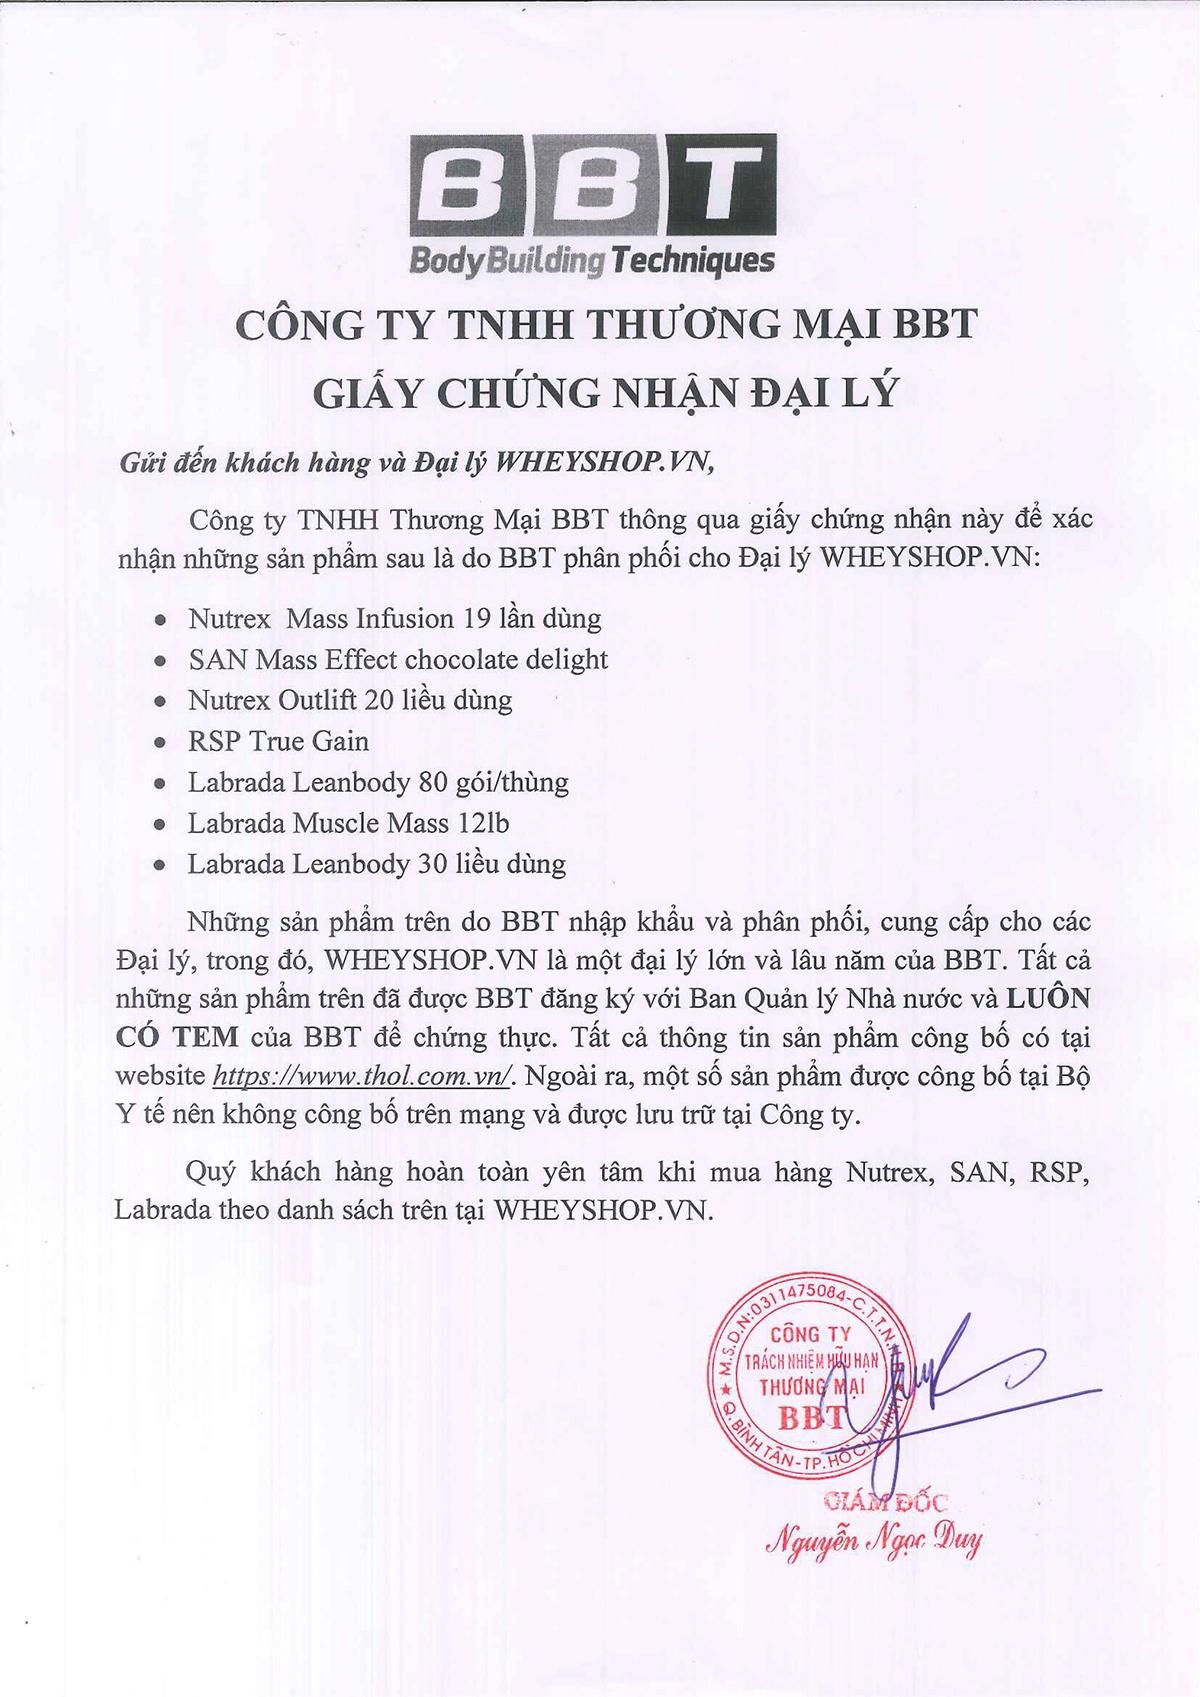 BBT là nhà nhập khẩu thực phẩm bổ sung hàng đầu Việt Nam. Vậy muốn mua sản phẩm BBT uy tín, giá rẻ tại Hà Nội TpHCM thì lựa chọn ở đâu? Cùng tìm hiểu ,...